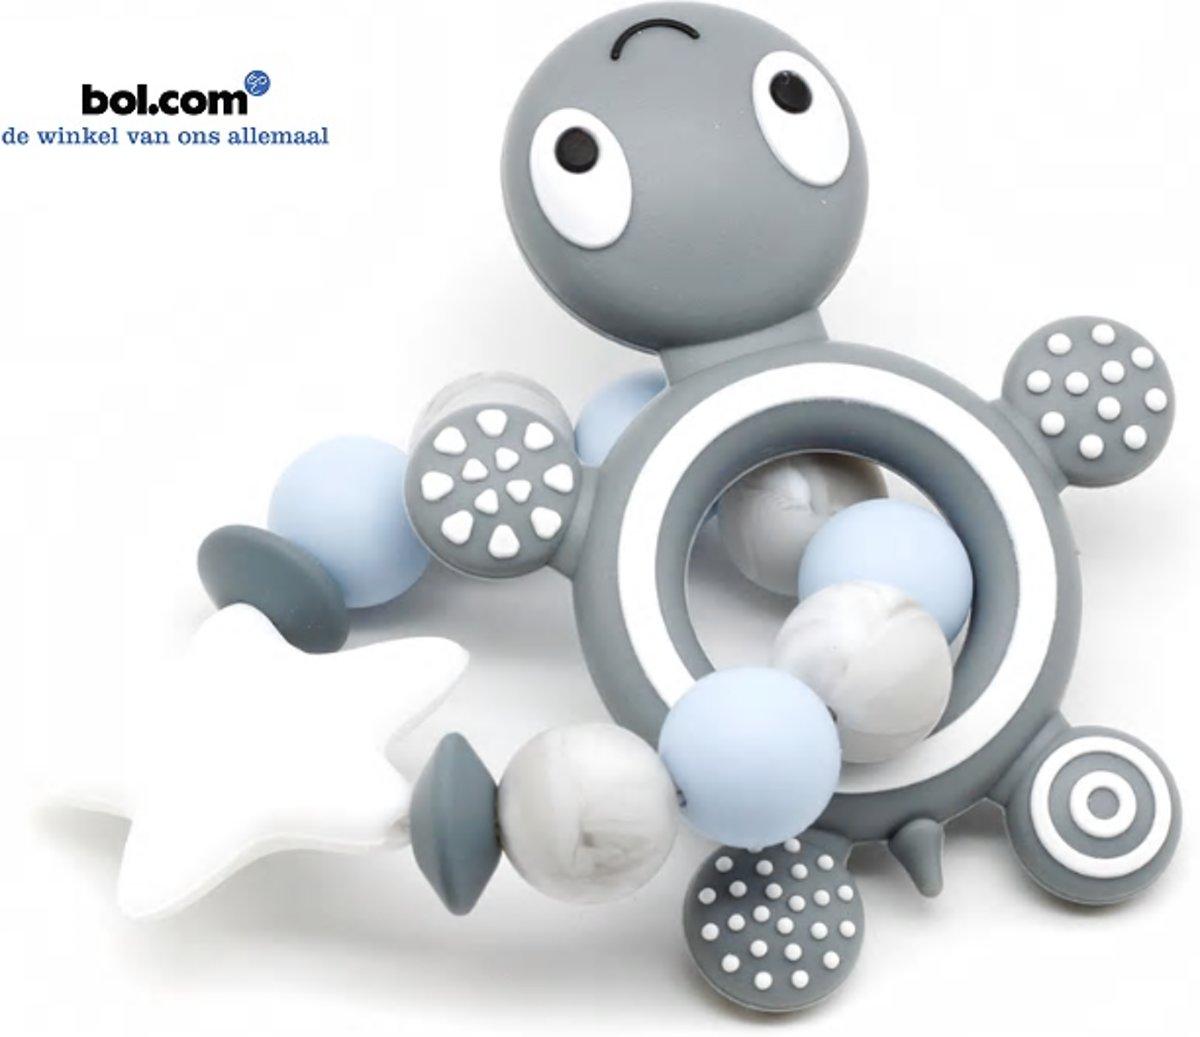 Bijtring voor baby's | Speelgoed | Schildpad | Blauw, grijs en wit | Tandjes | kopen